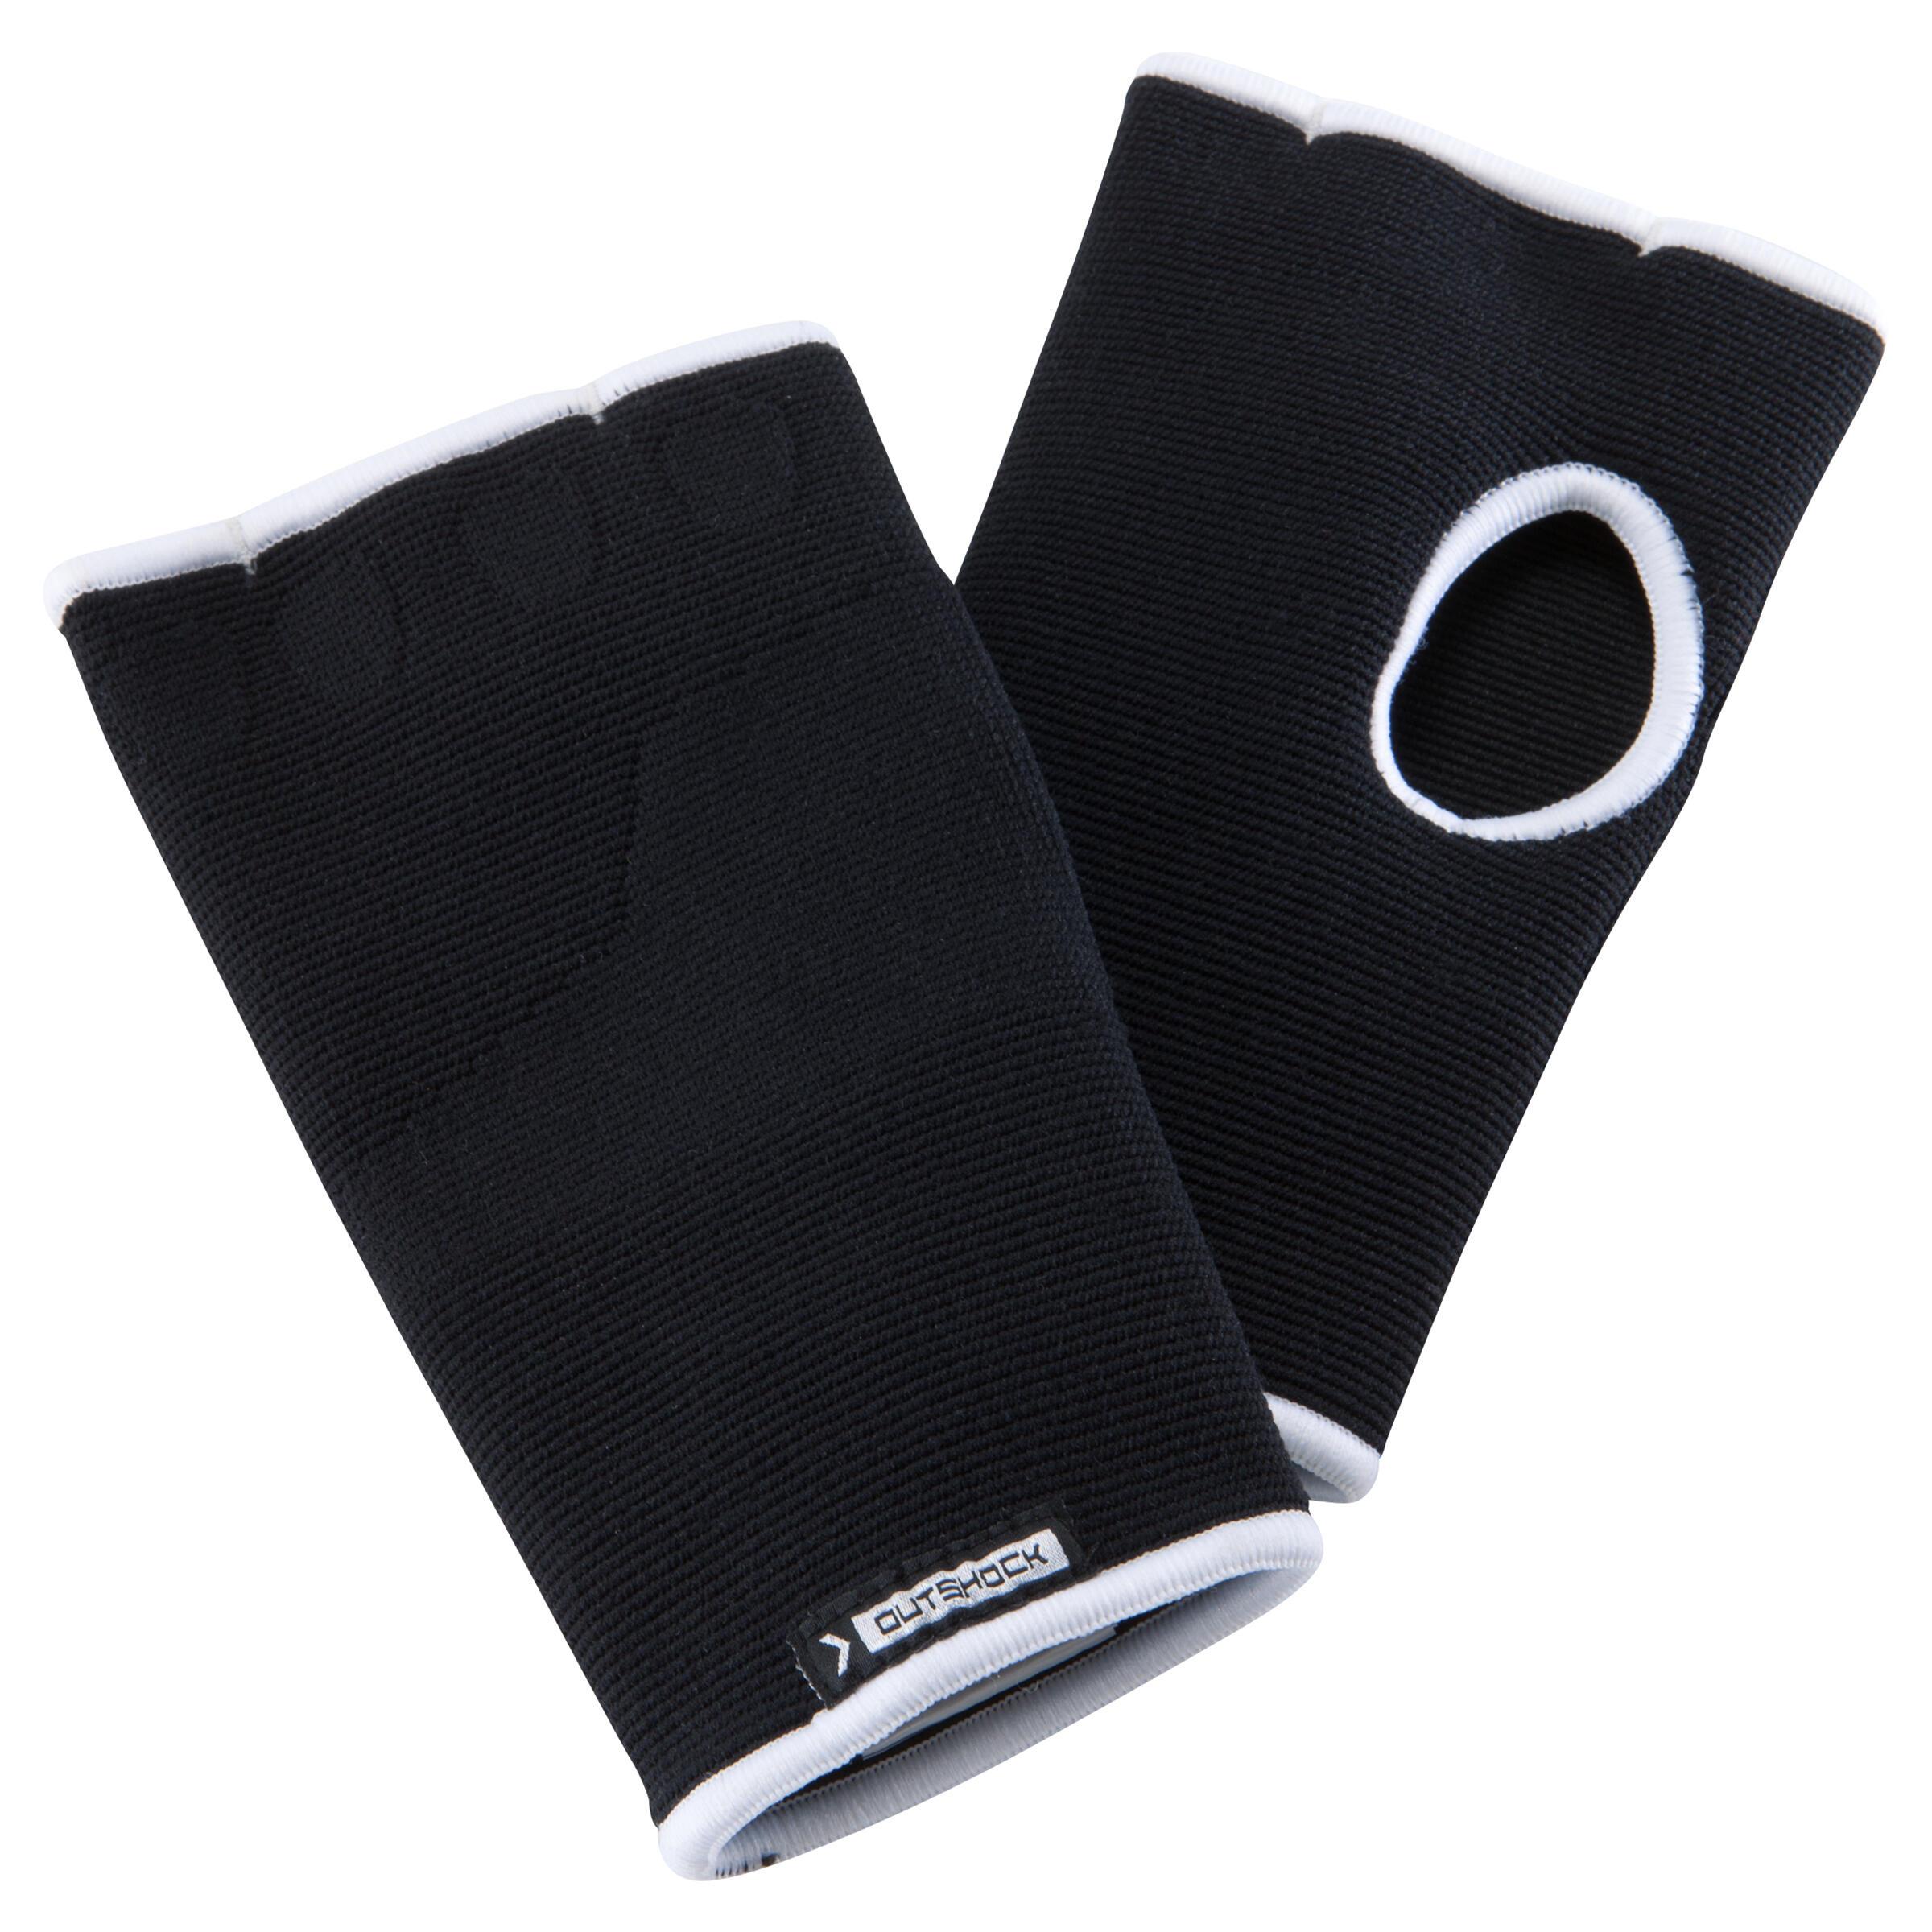 ถุงมือชั้นในรุ่น...